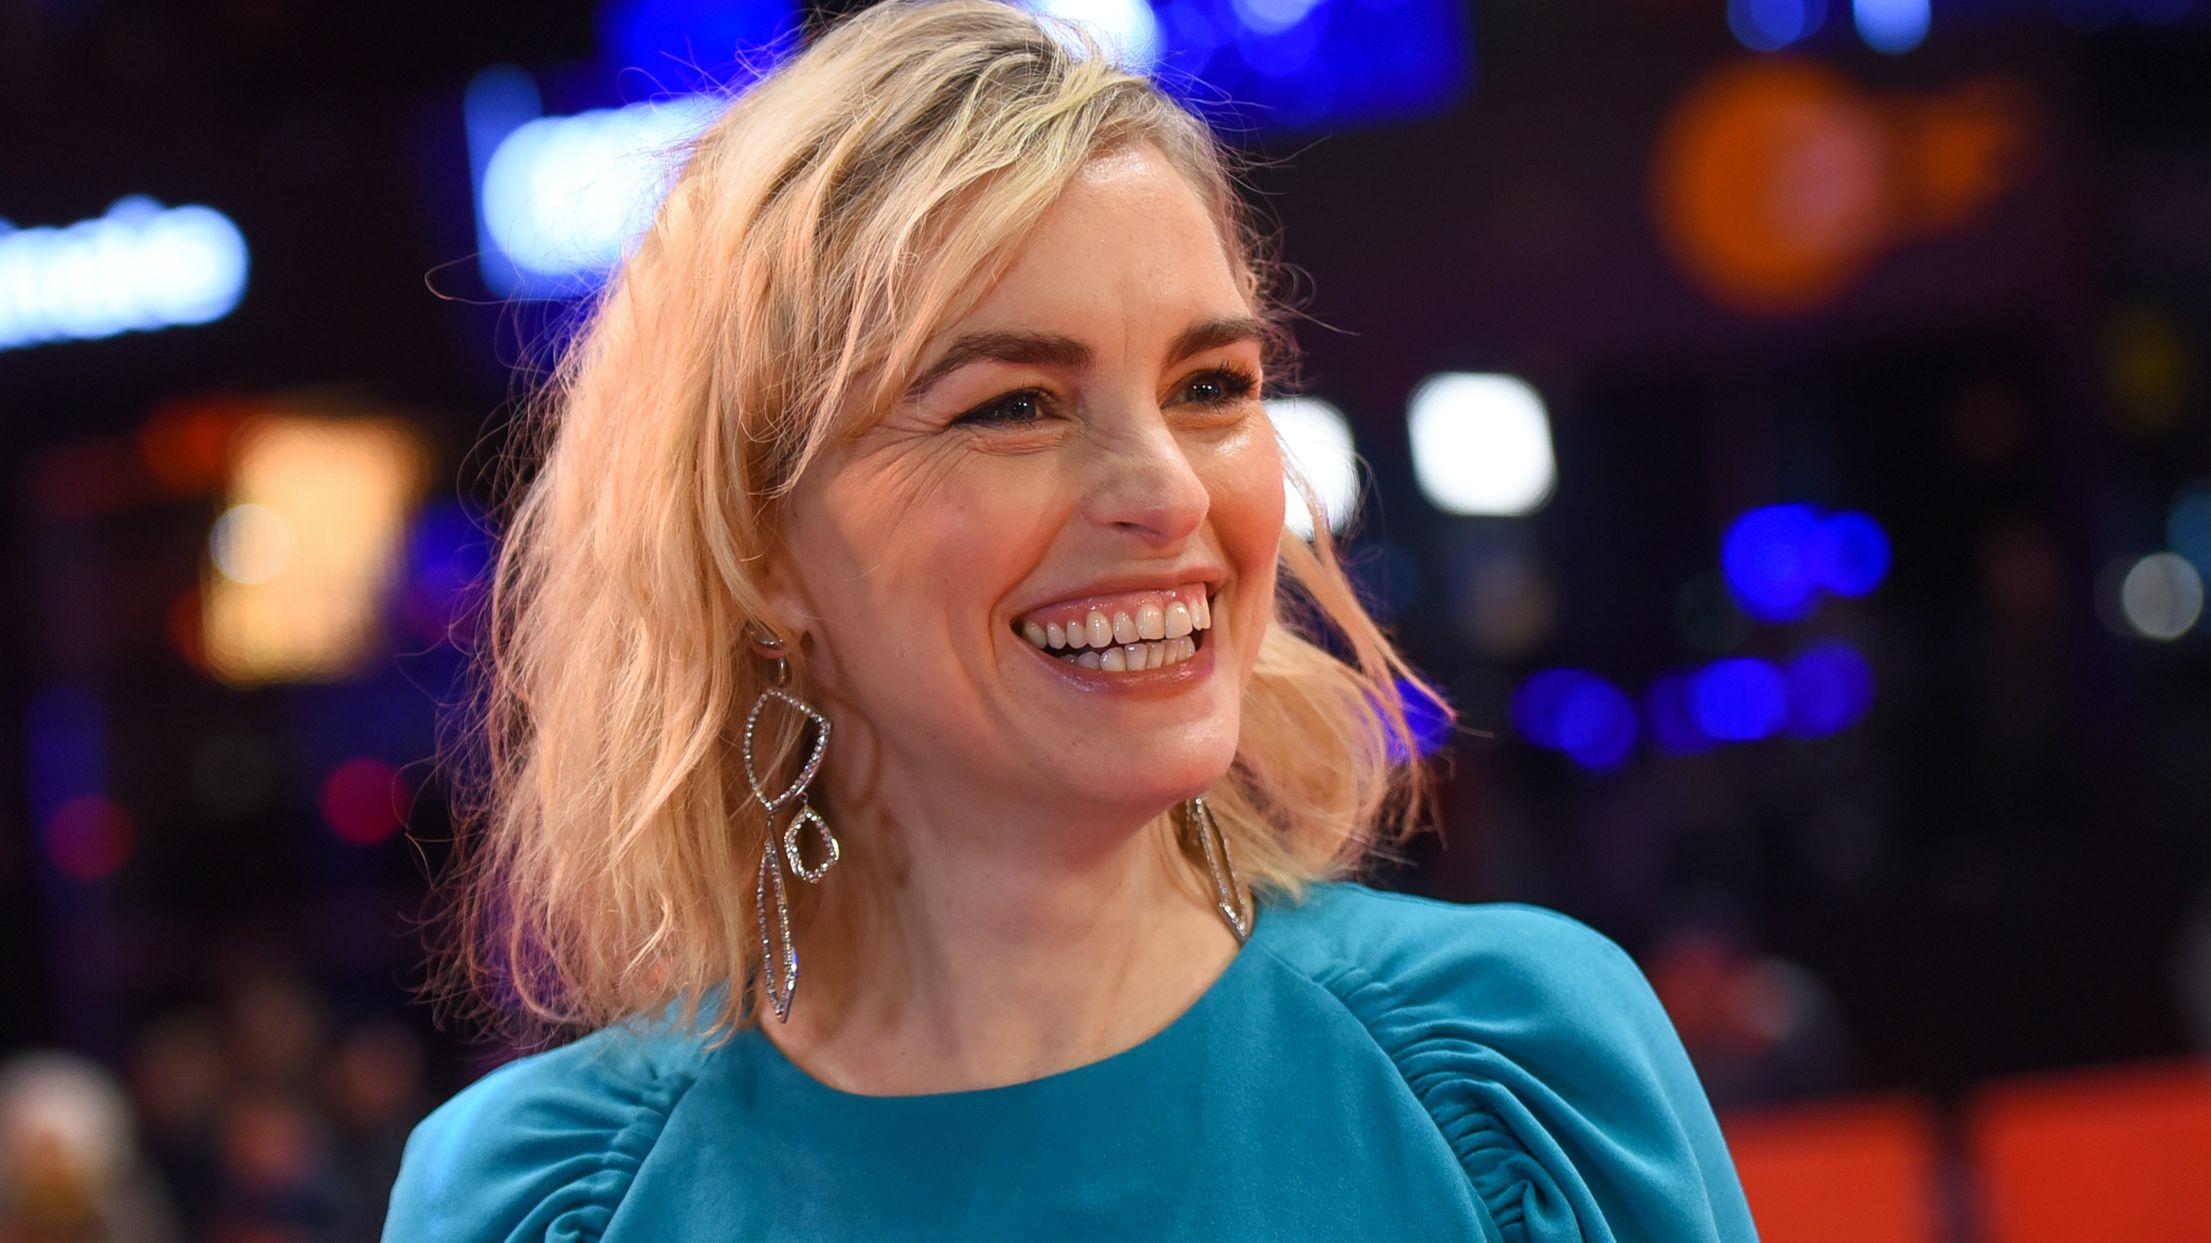 Eine Frau mit blonden Haaren und großen silbernen Ohrringen lacht neben der Kamera vorbei.